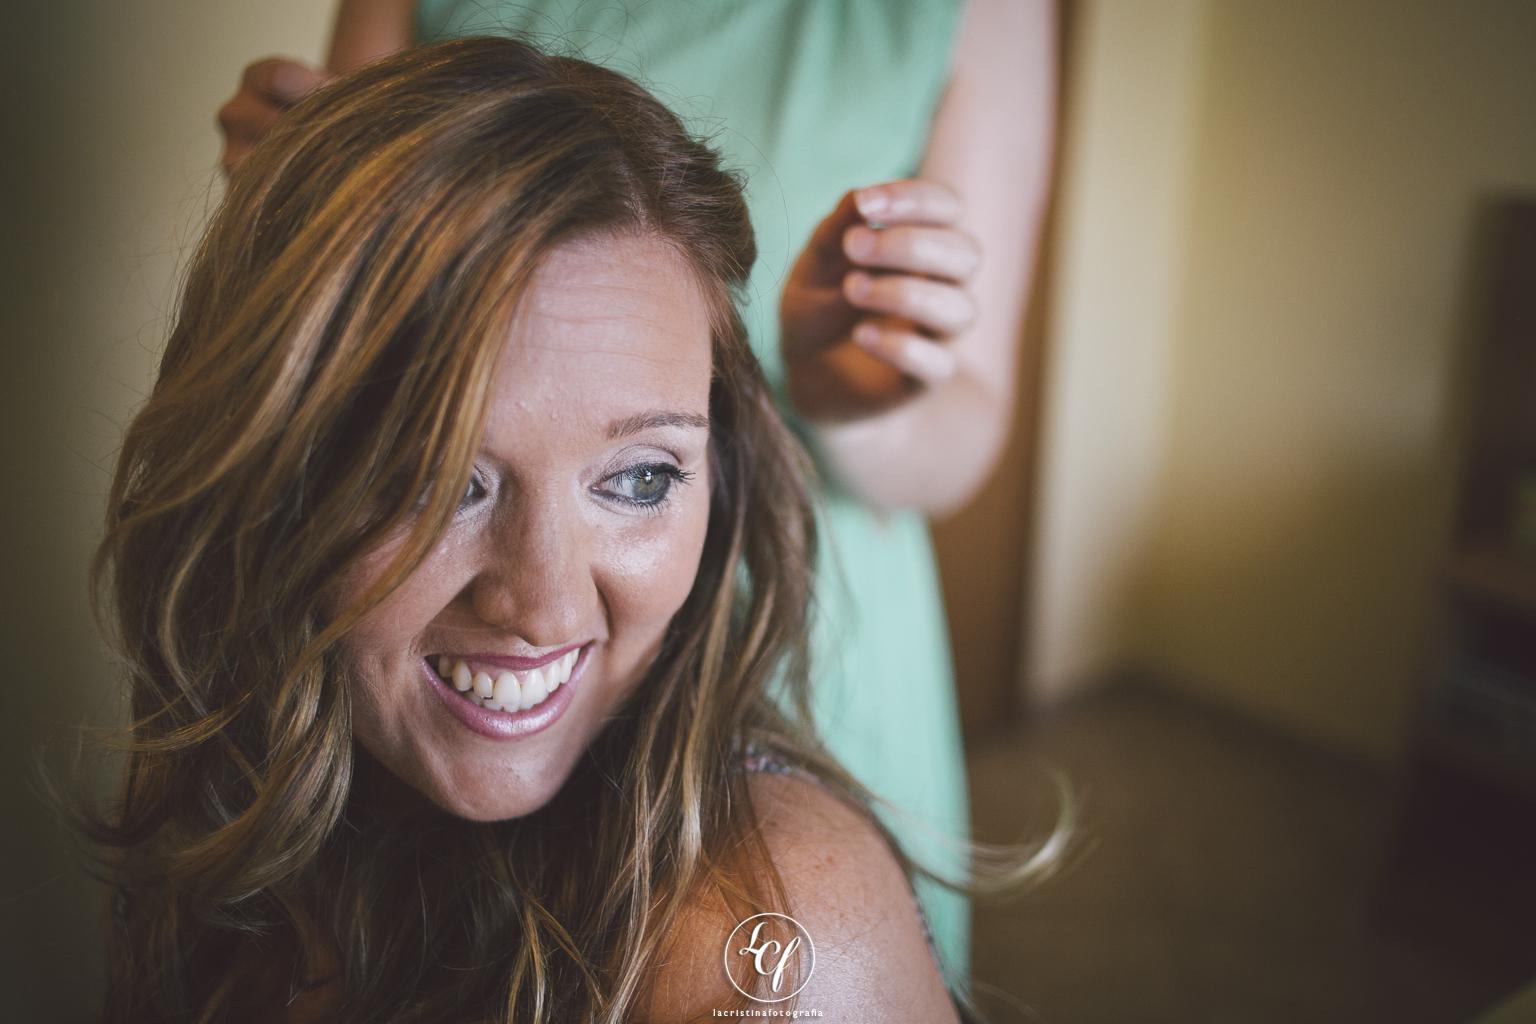 fotografia boda en la playa :: fotografía de boda :: fotógrafo de boda :: boda en la playa